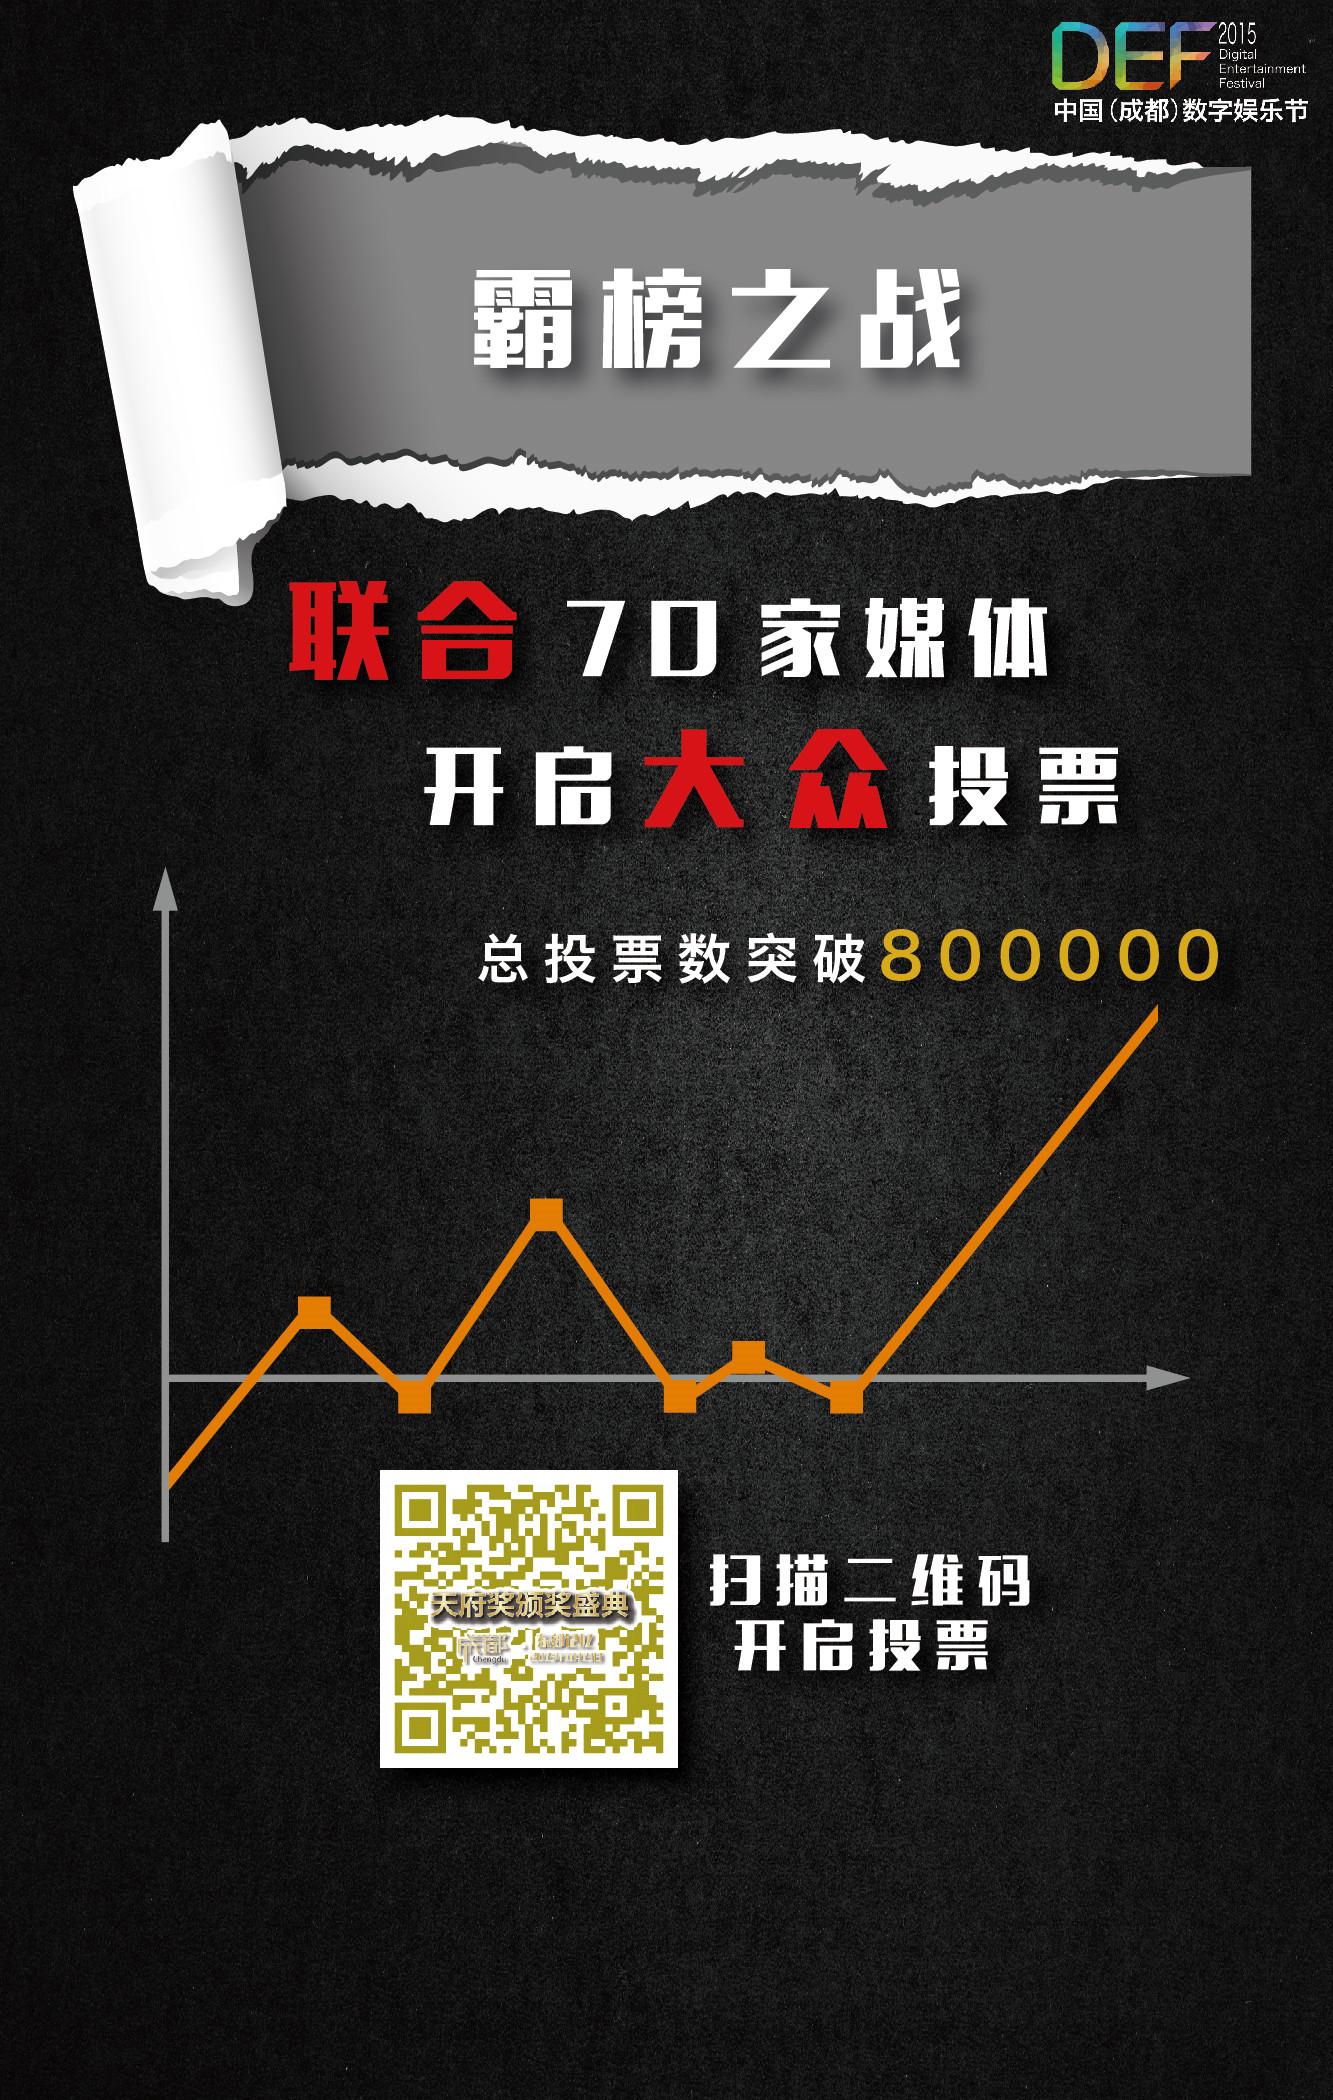 1分钟读懂中国成都数字娱乐节 倒计时6周大事盘点